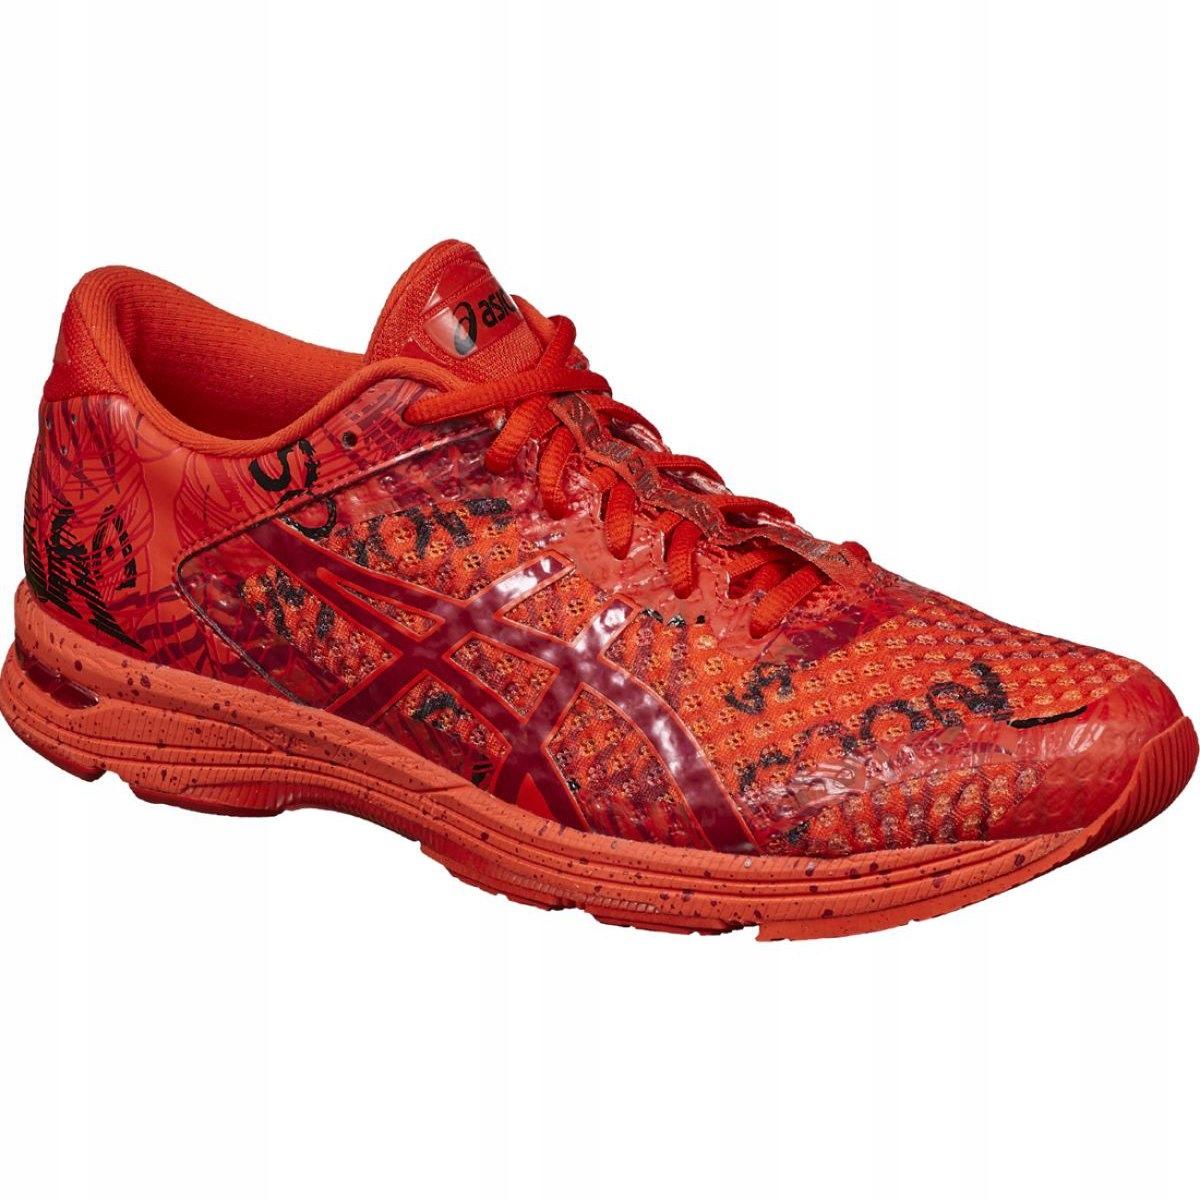 Asics treningowe bieganie sport czerwone r.43,5